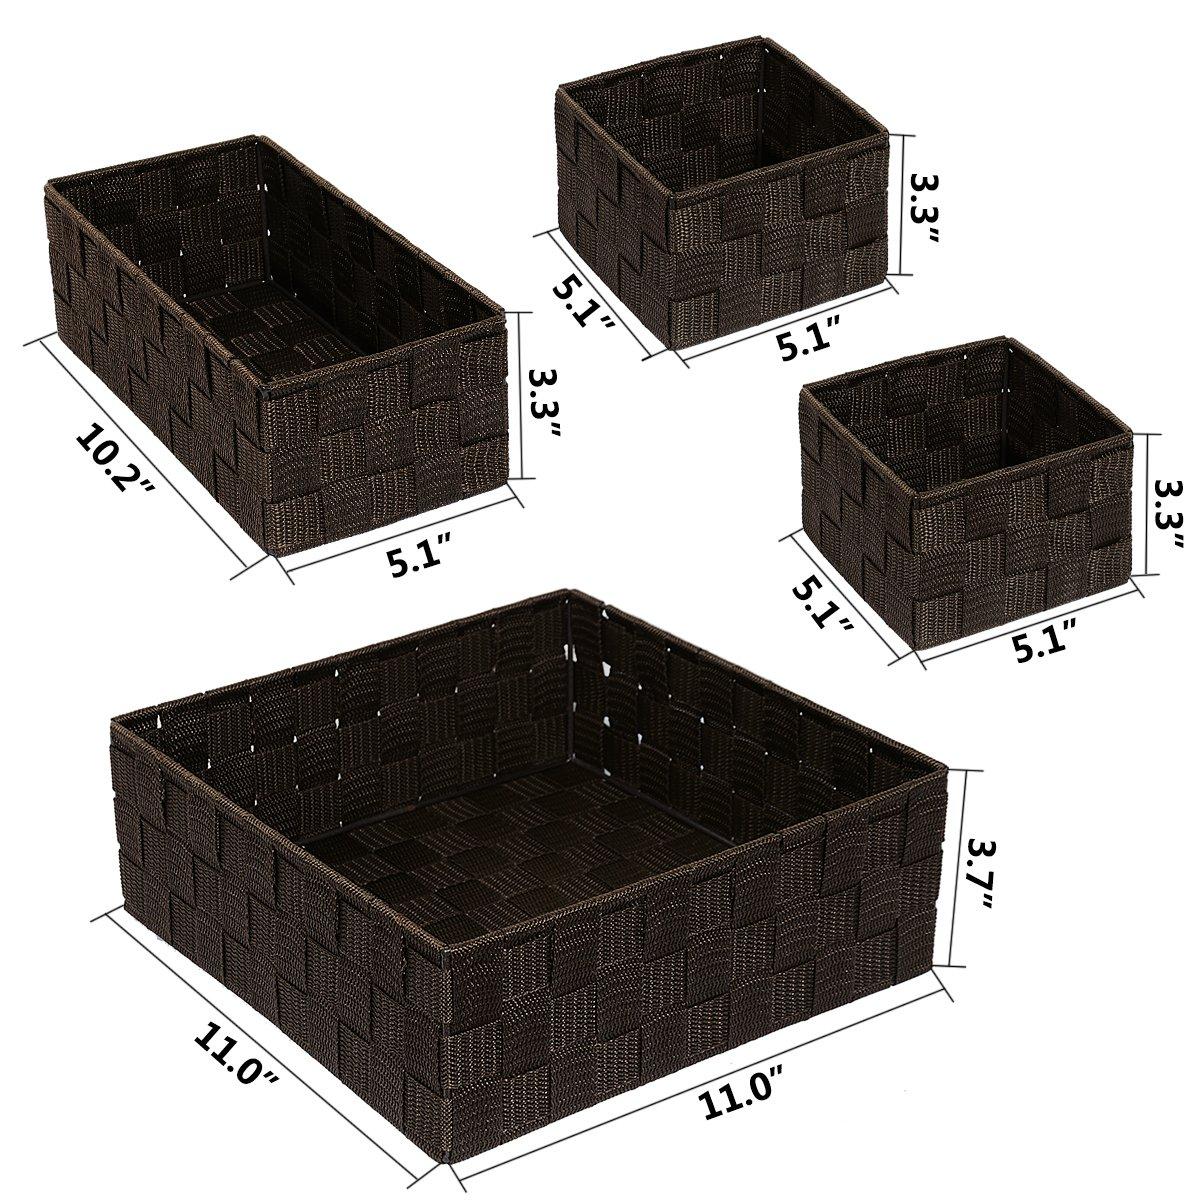 Kommode Handgewebt Aufbewahrungsboxen Closet Trennwand f/ür Schreibtisch Schr/änke,Cosmatic Organisation 4er-Set Schubladen Posprica Schublade Organizer